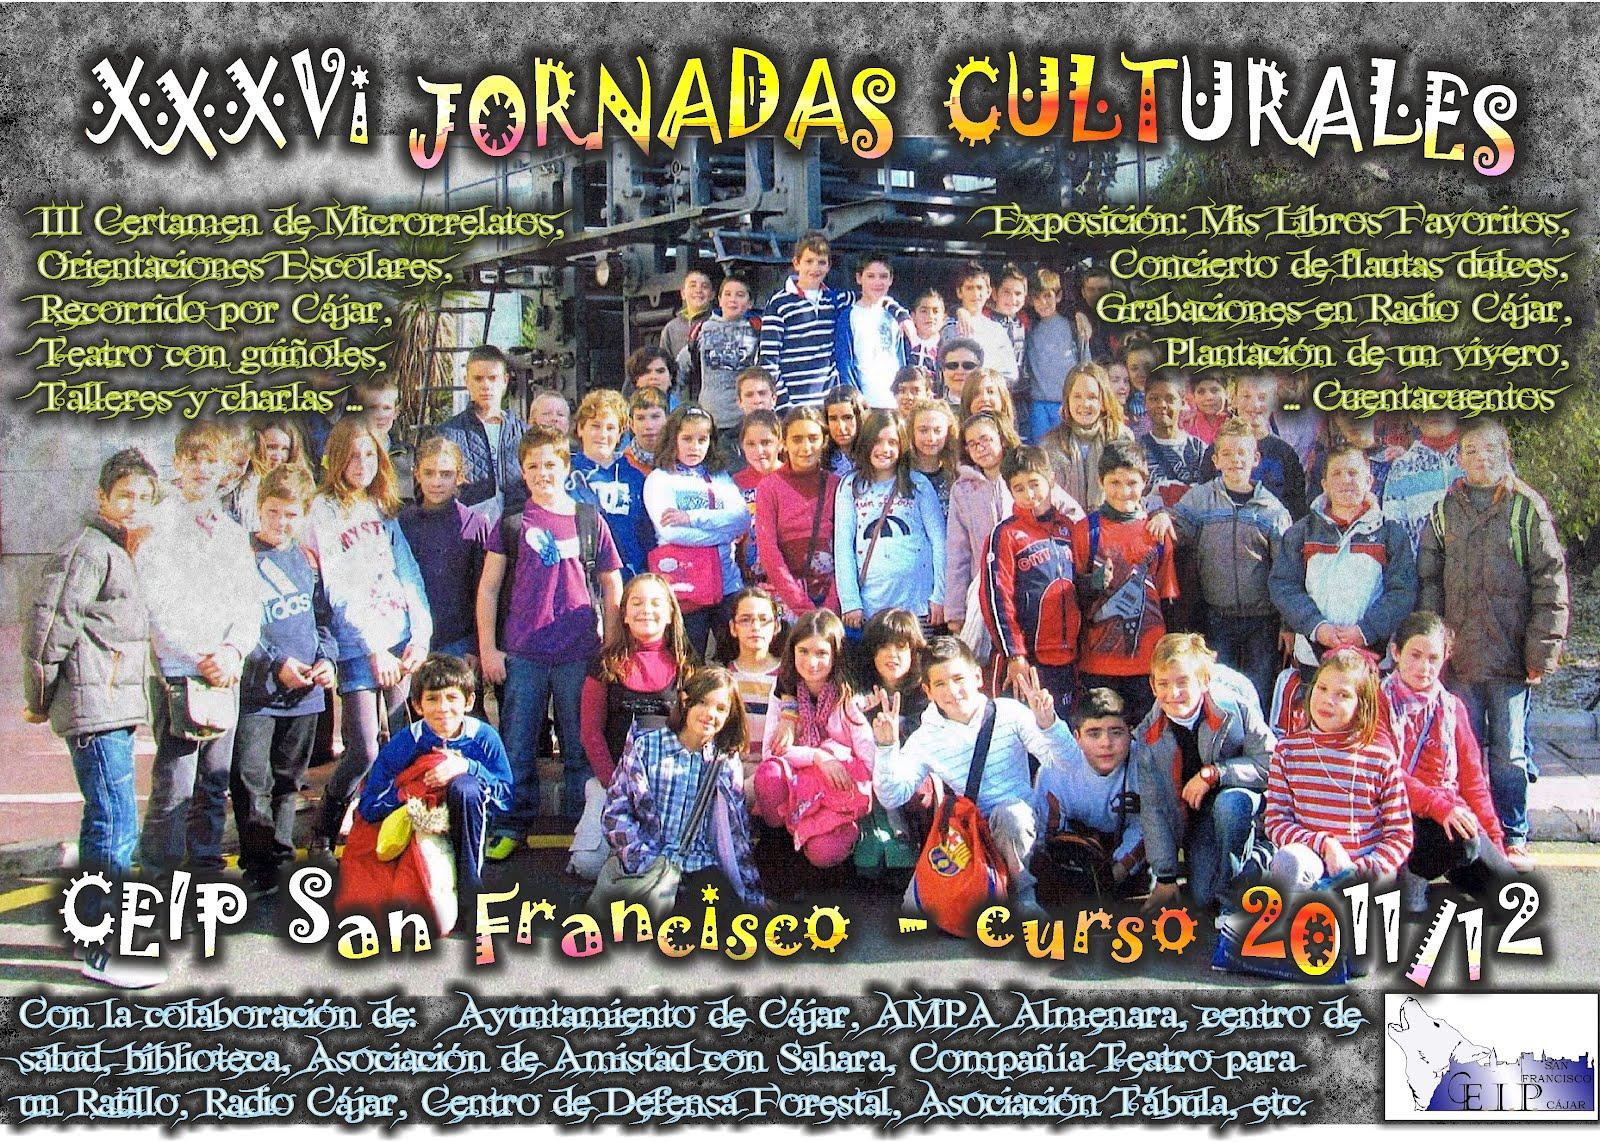 XXXVI Jornadas Culturales